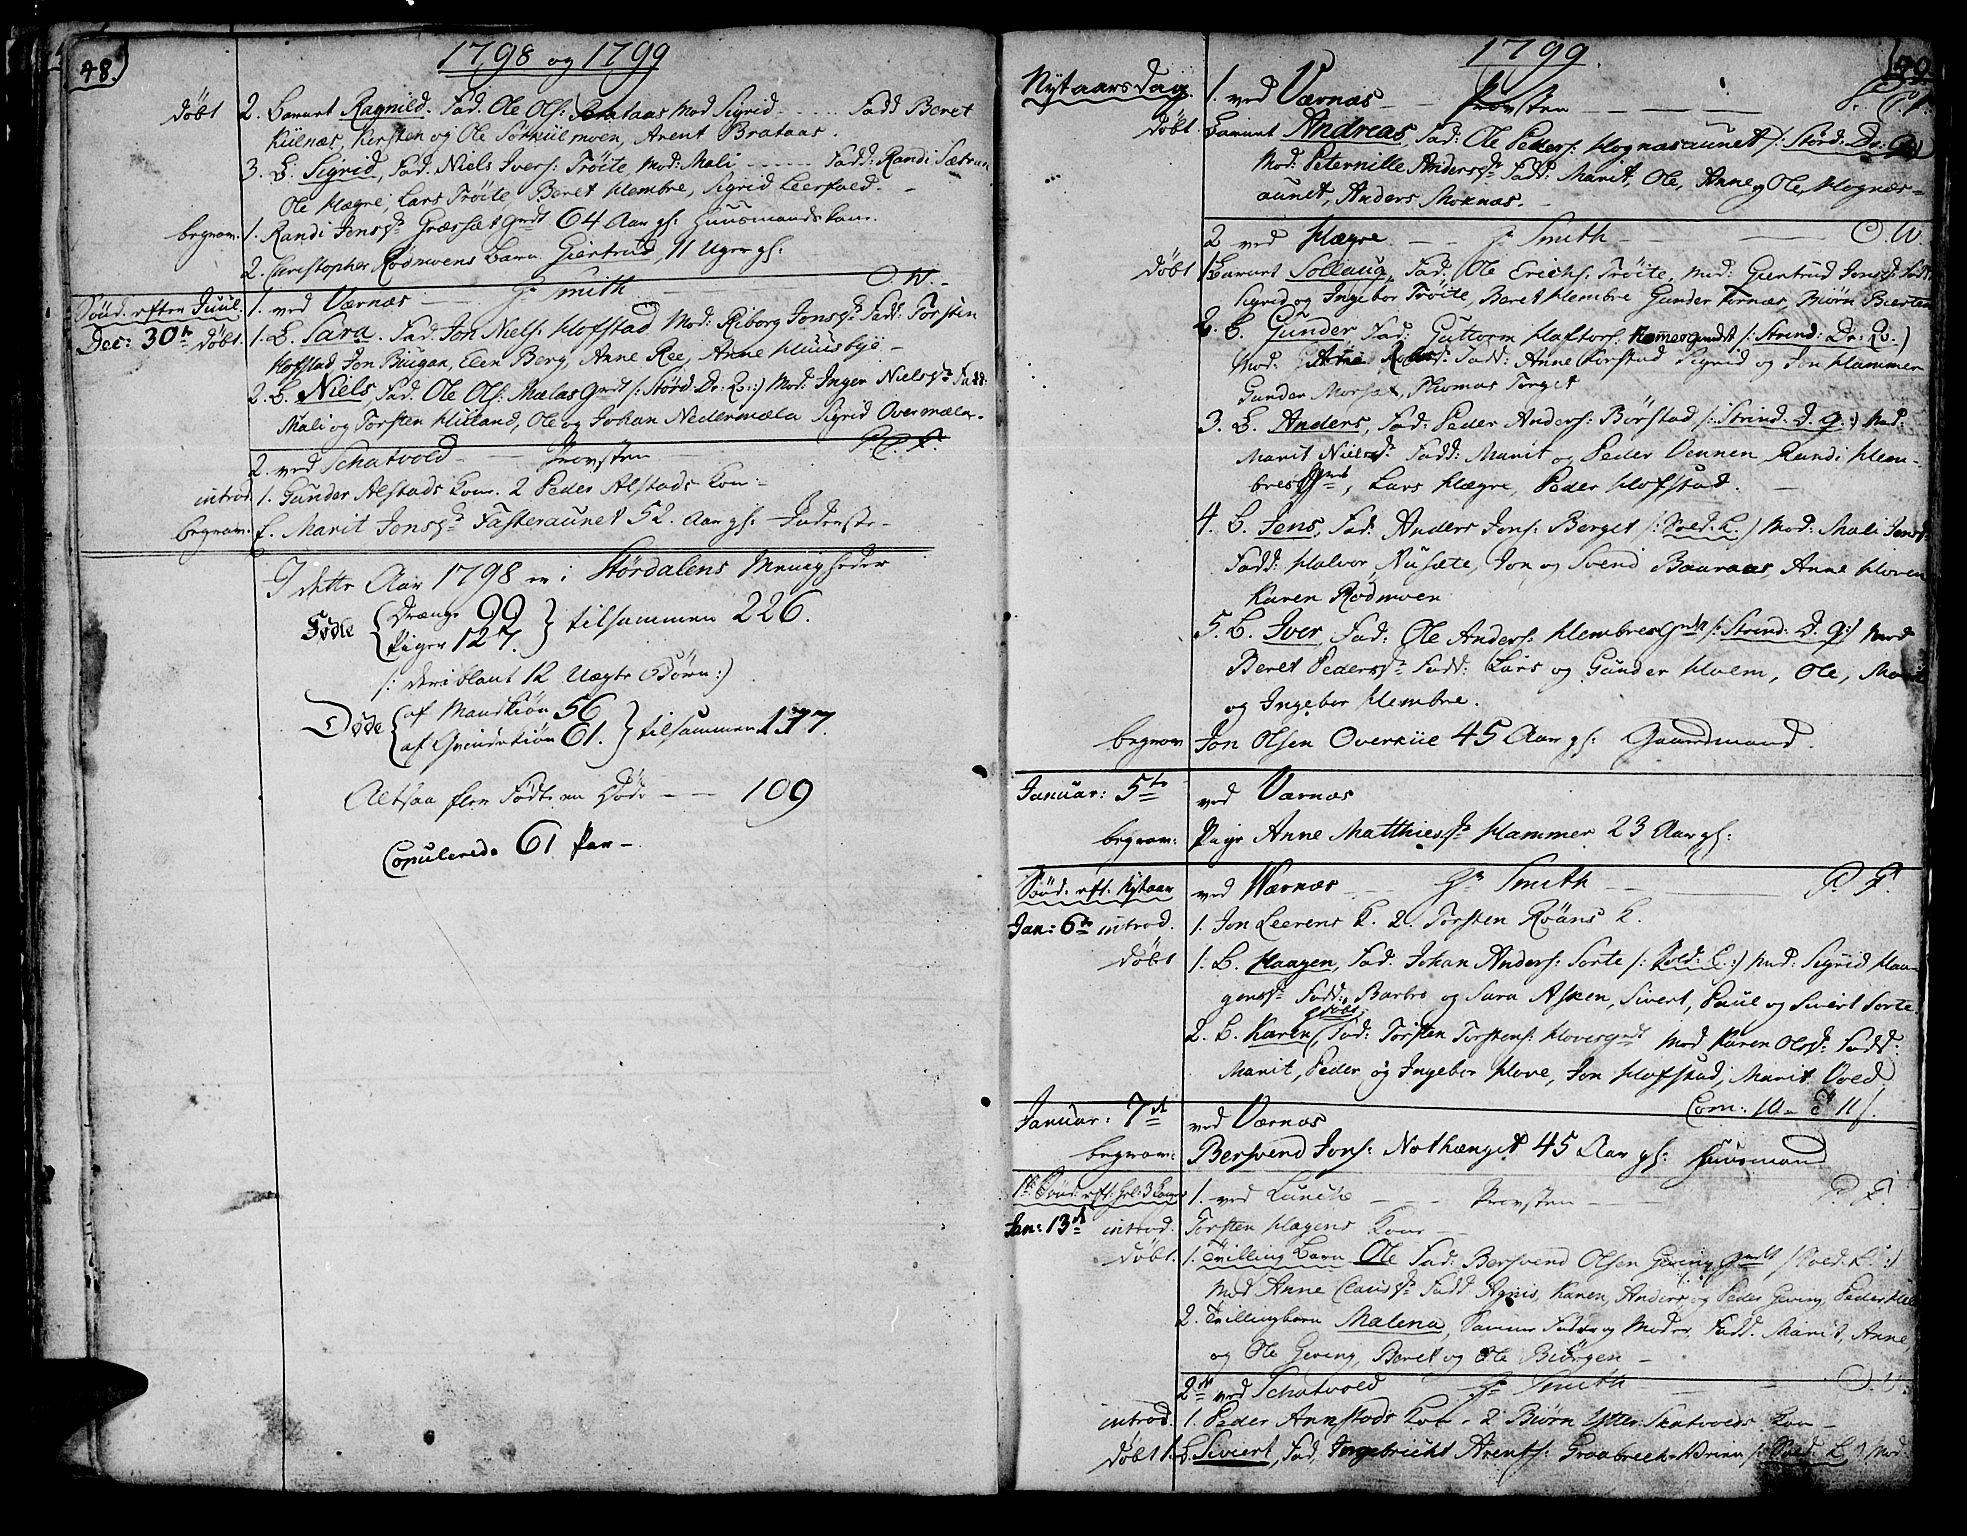 SAT, Ministerialprotokoller, klokkerbøker og fødselsregistre - Nord-Trøndelag, 709/L0060: Ministerialbok nr. 709A07, 1797-1815, s. 48-49